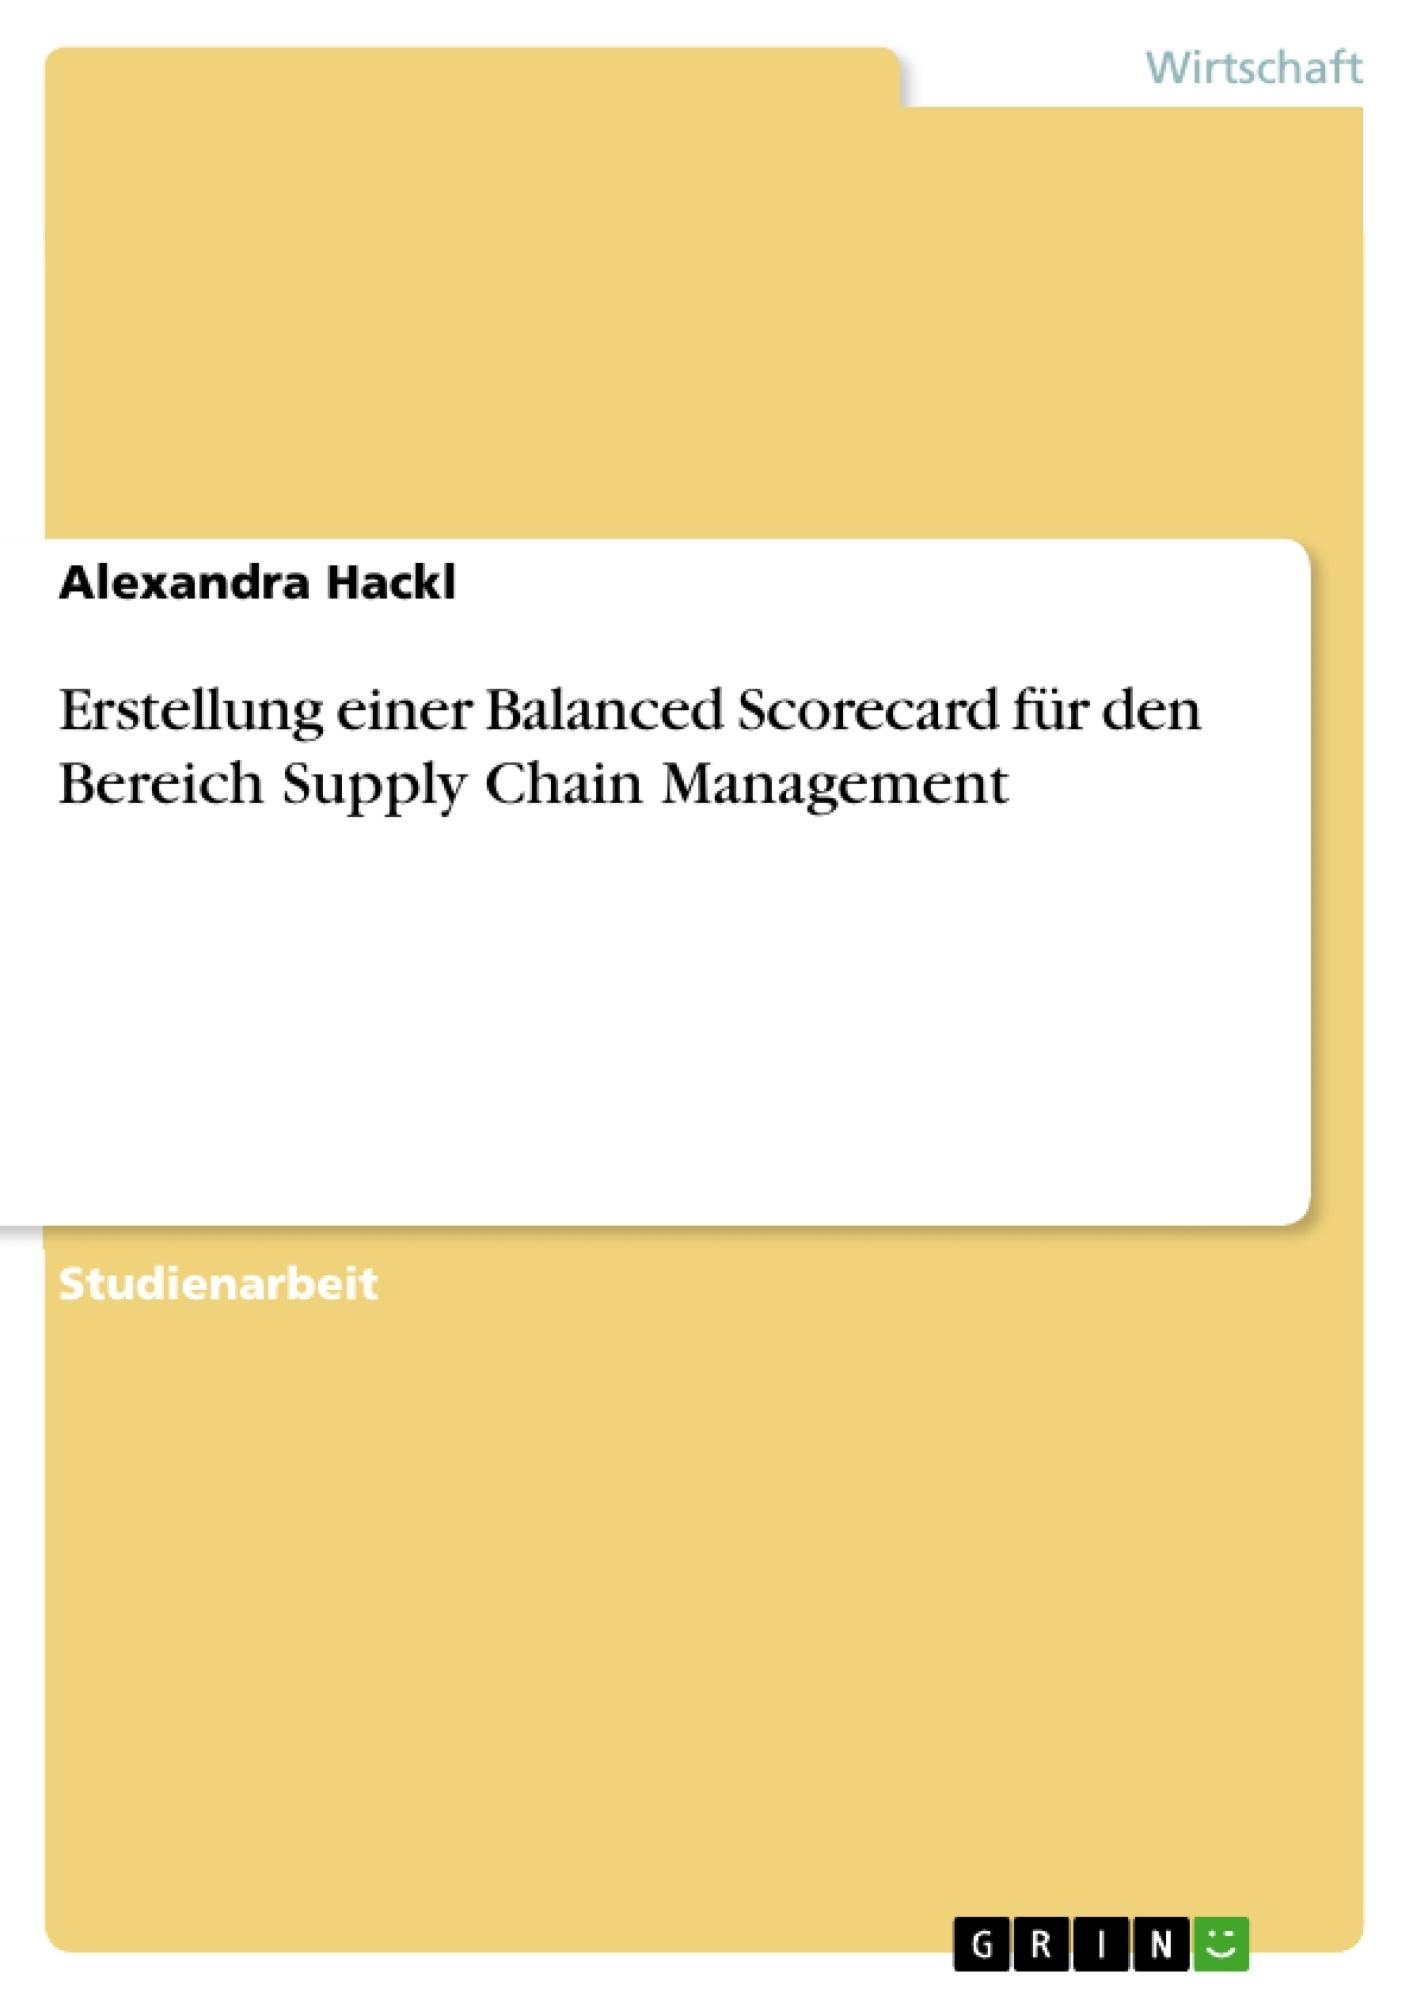 Titel: Erstellung einer Balanced Scorecard für den Bereich Supply Chain Management